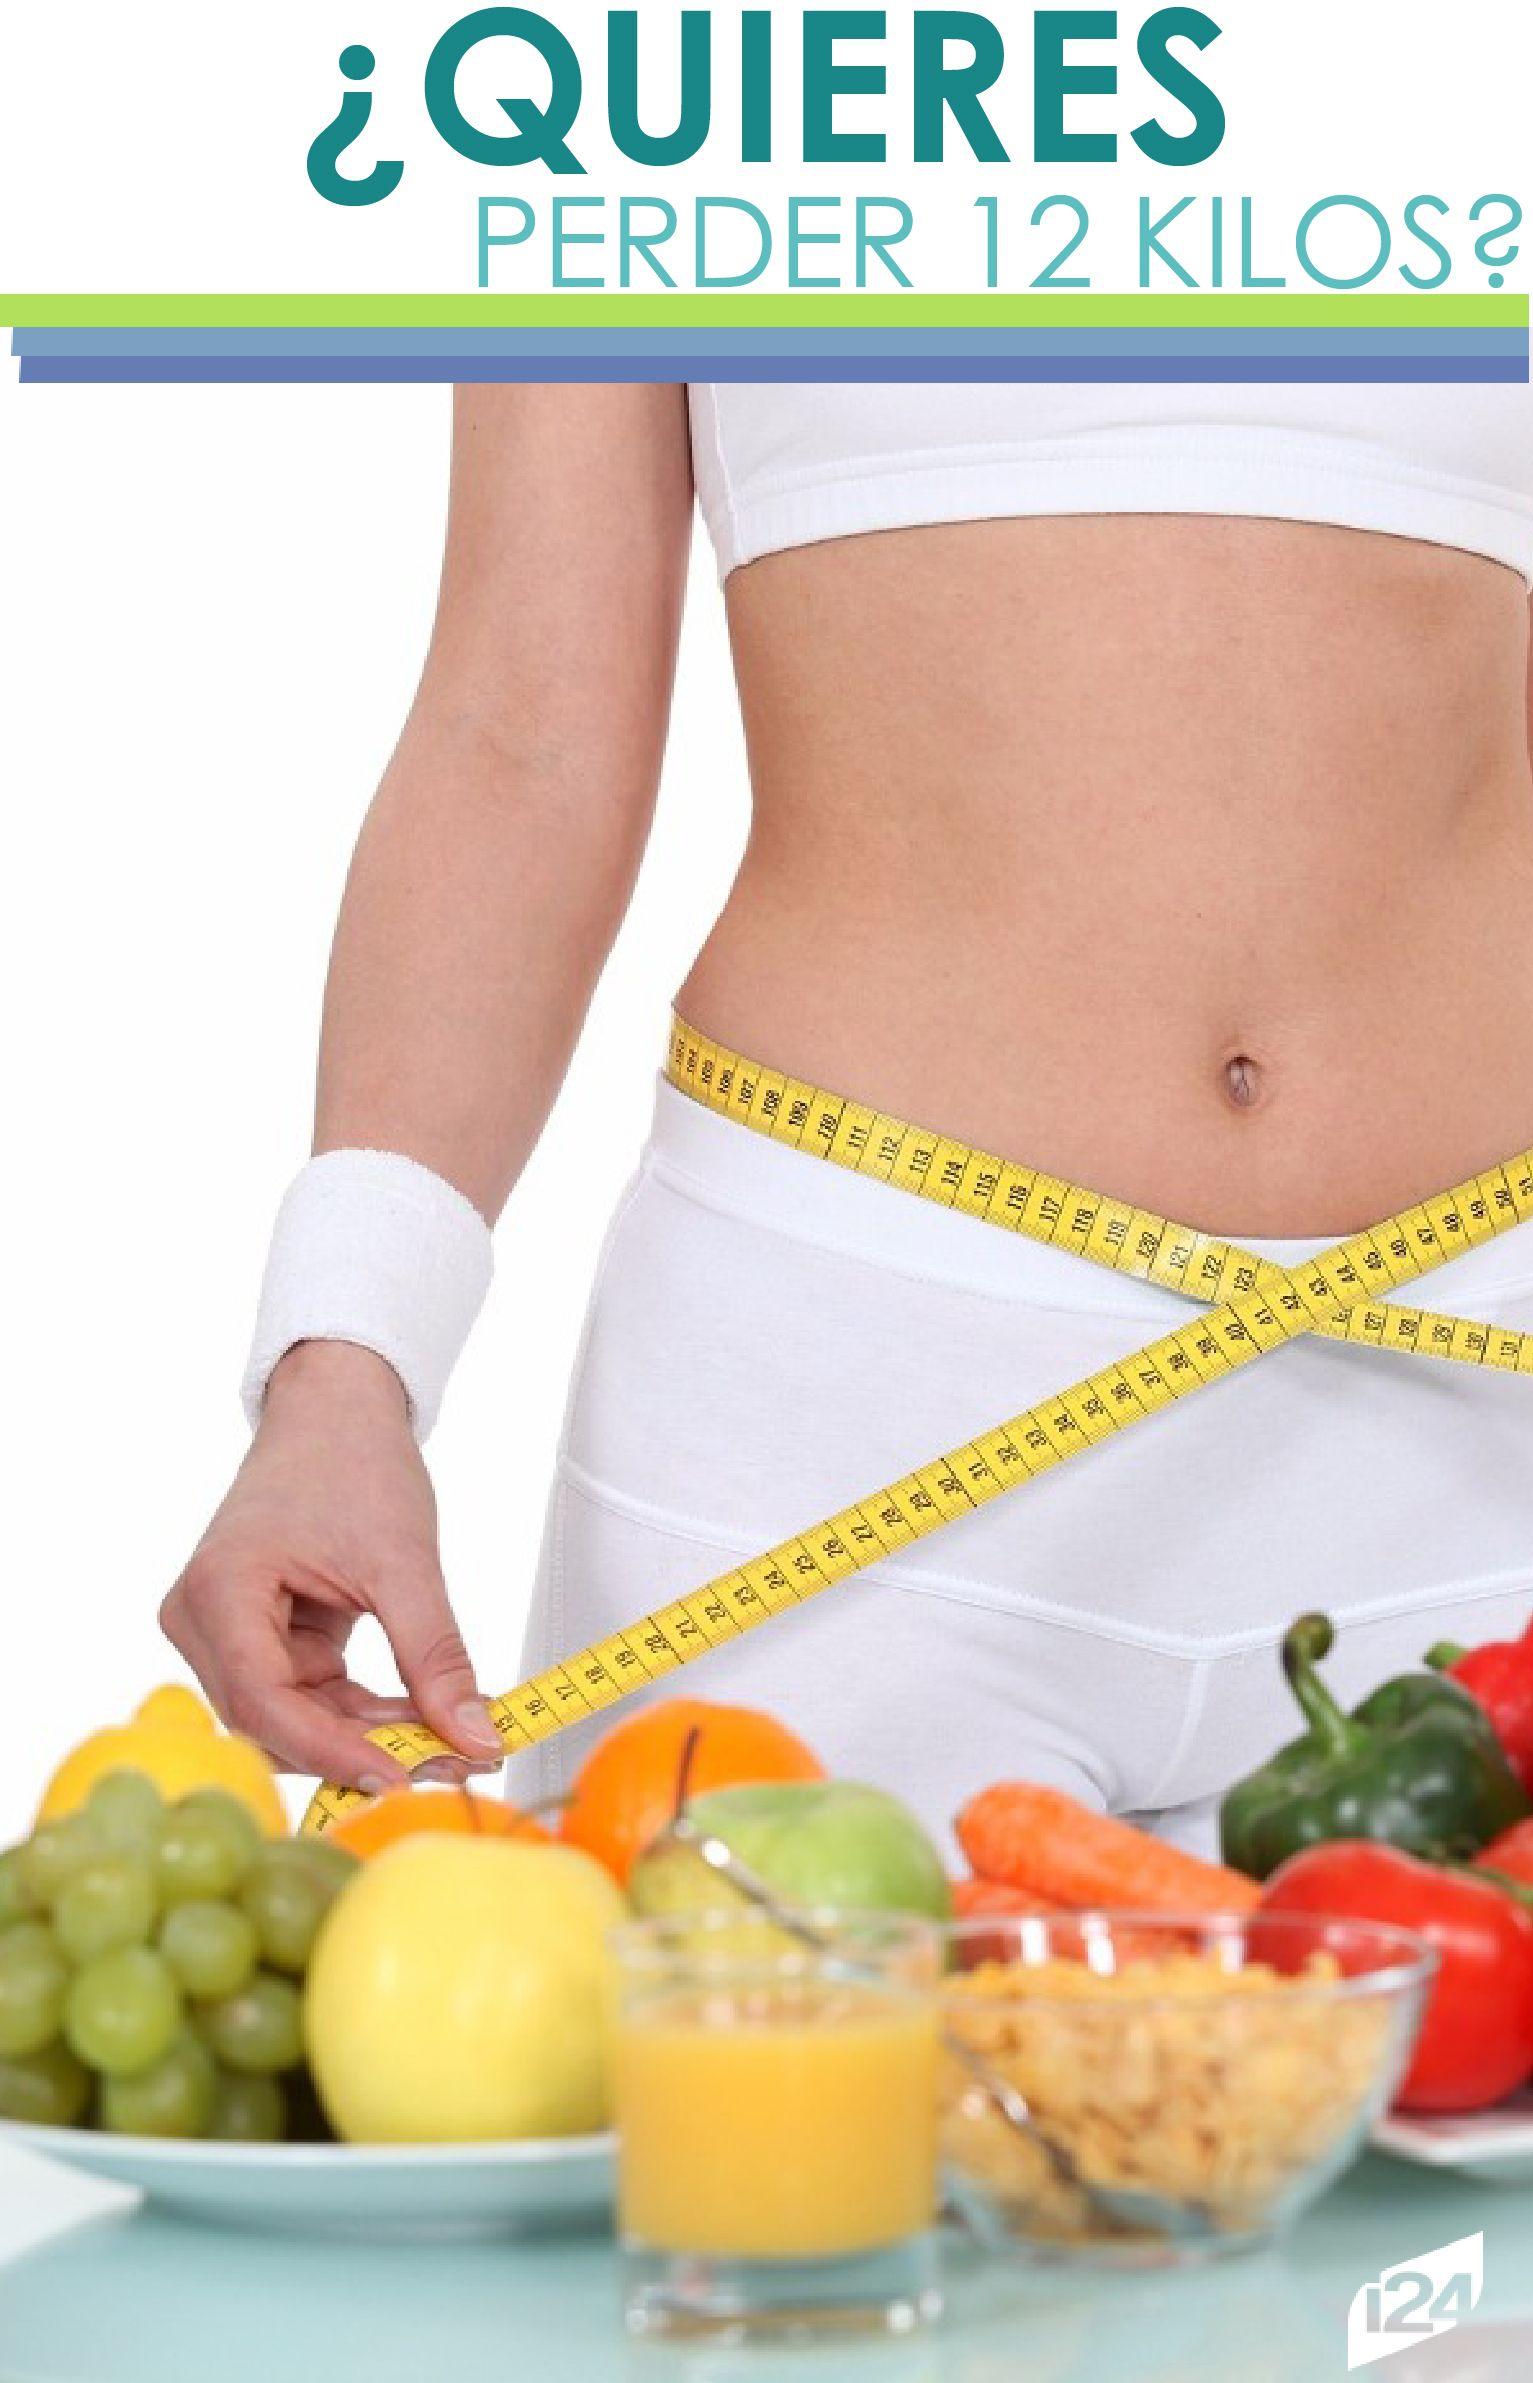 Como bajar de peso rapido sin hacer ejercicio ni dieta atkins